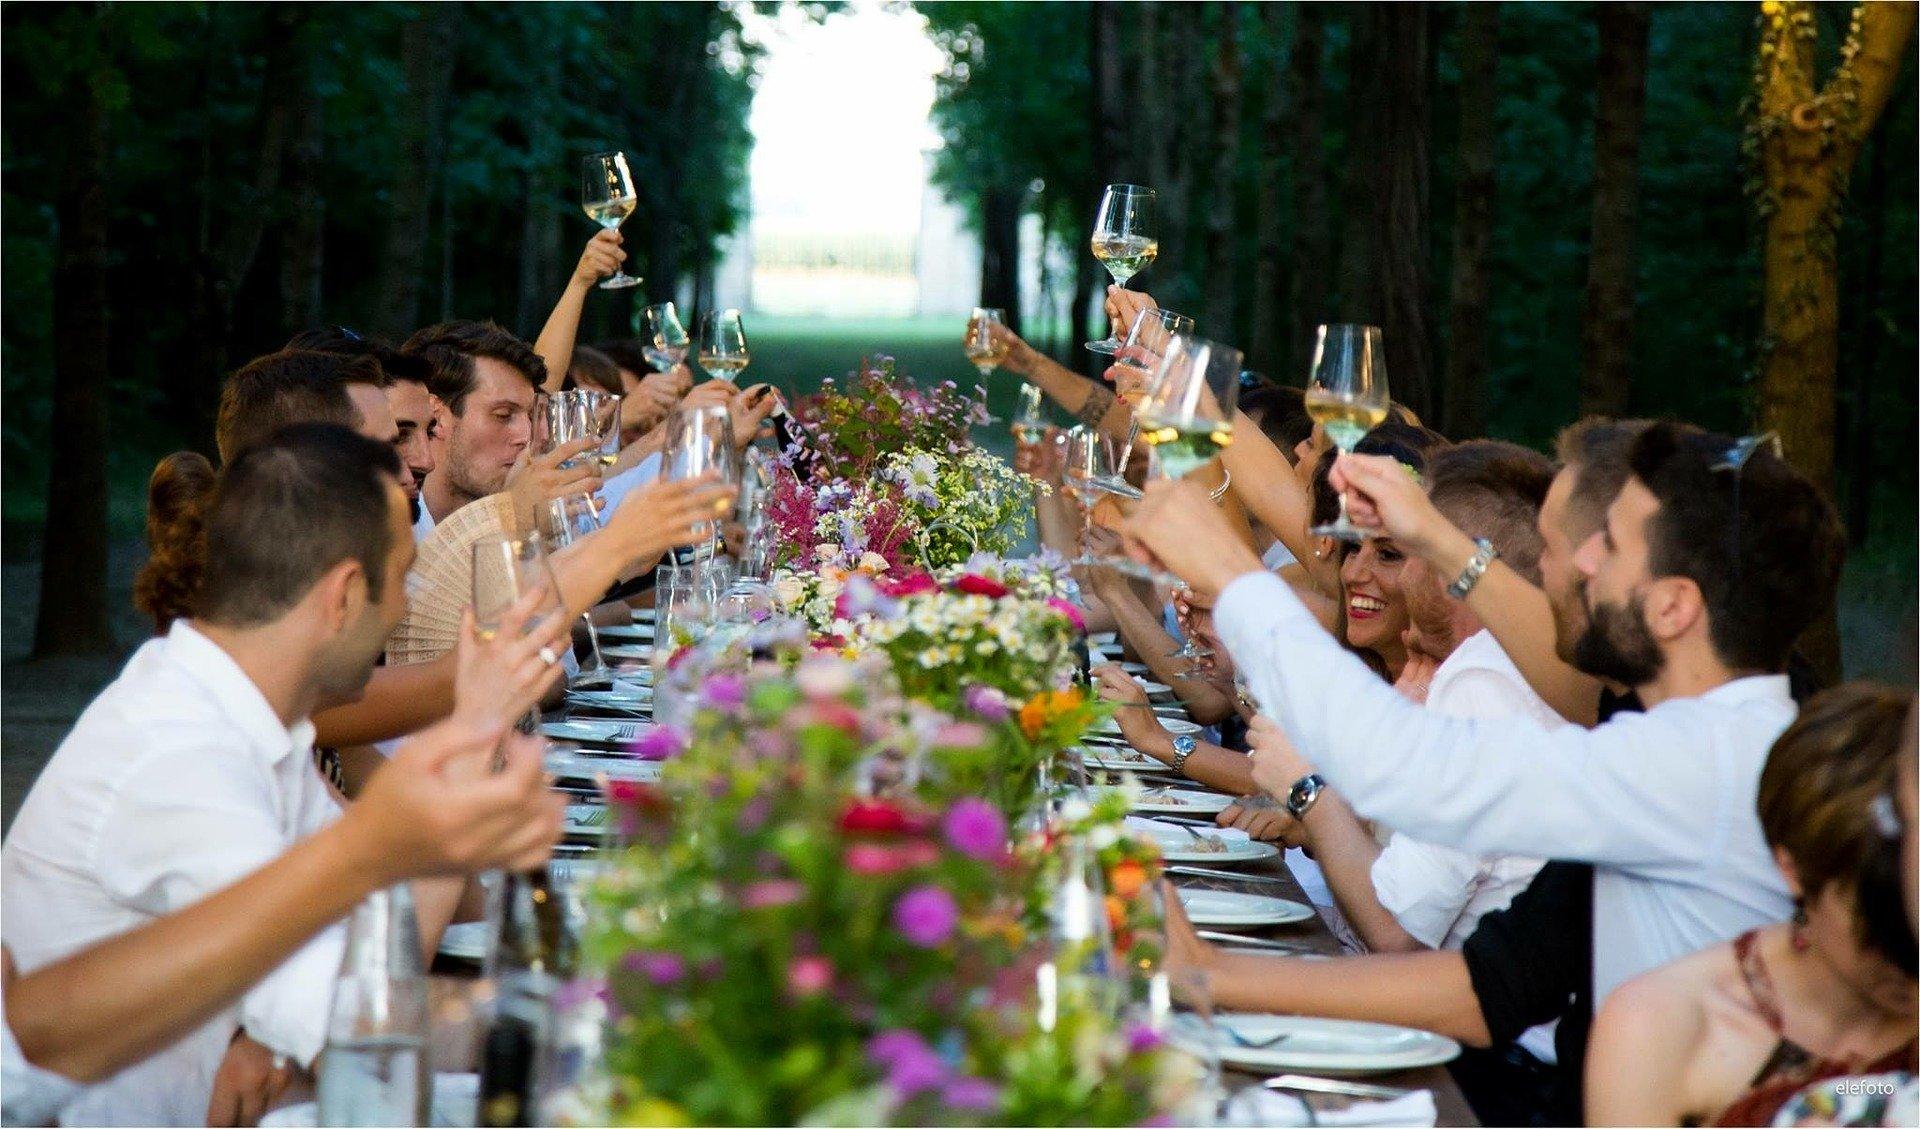 Pessoas celebrando em uma mesa